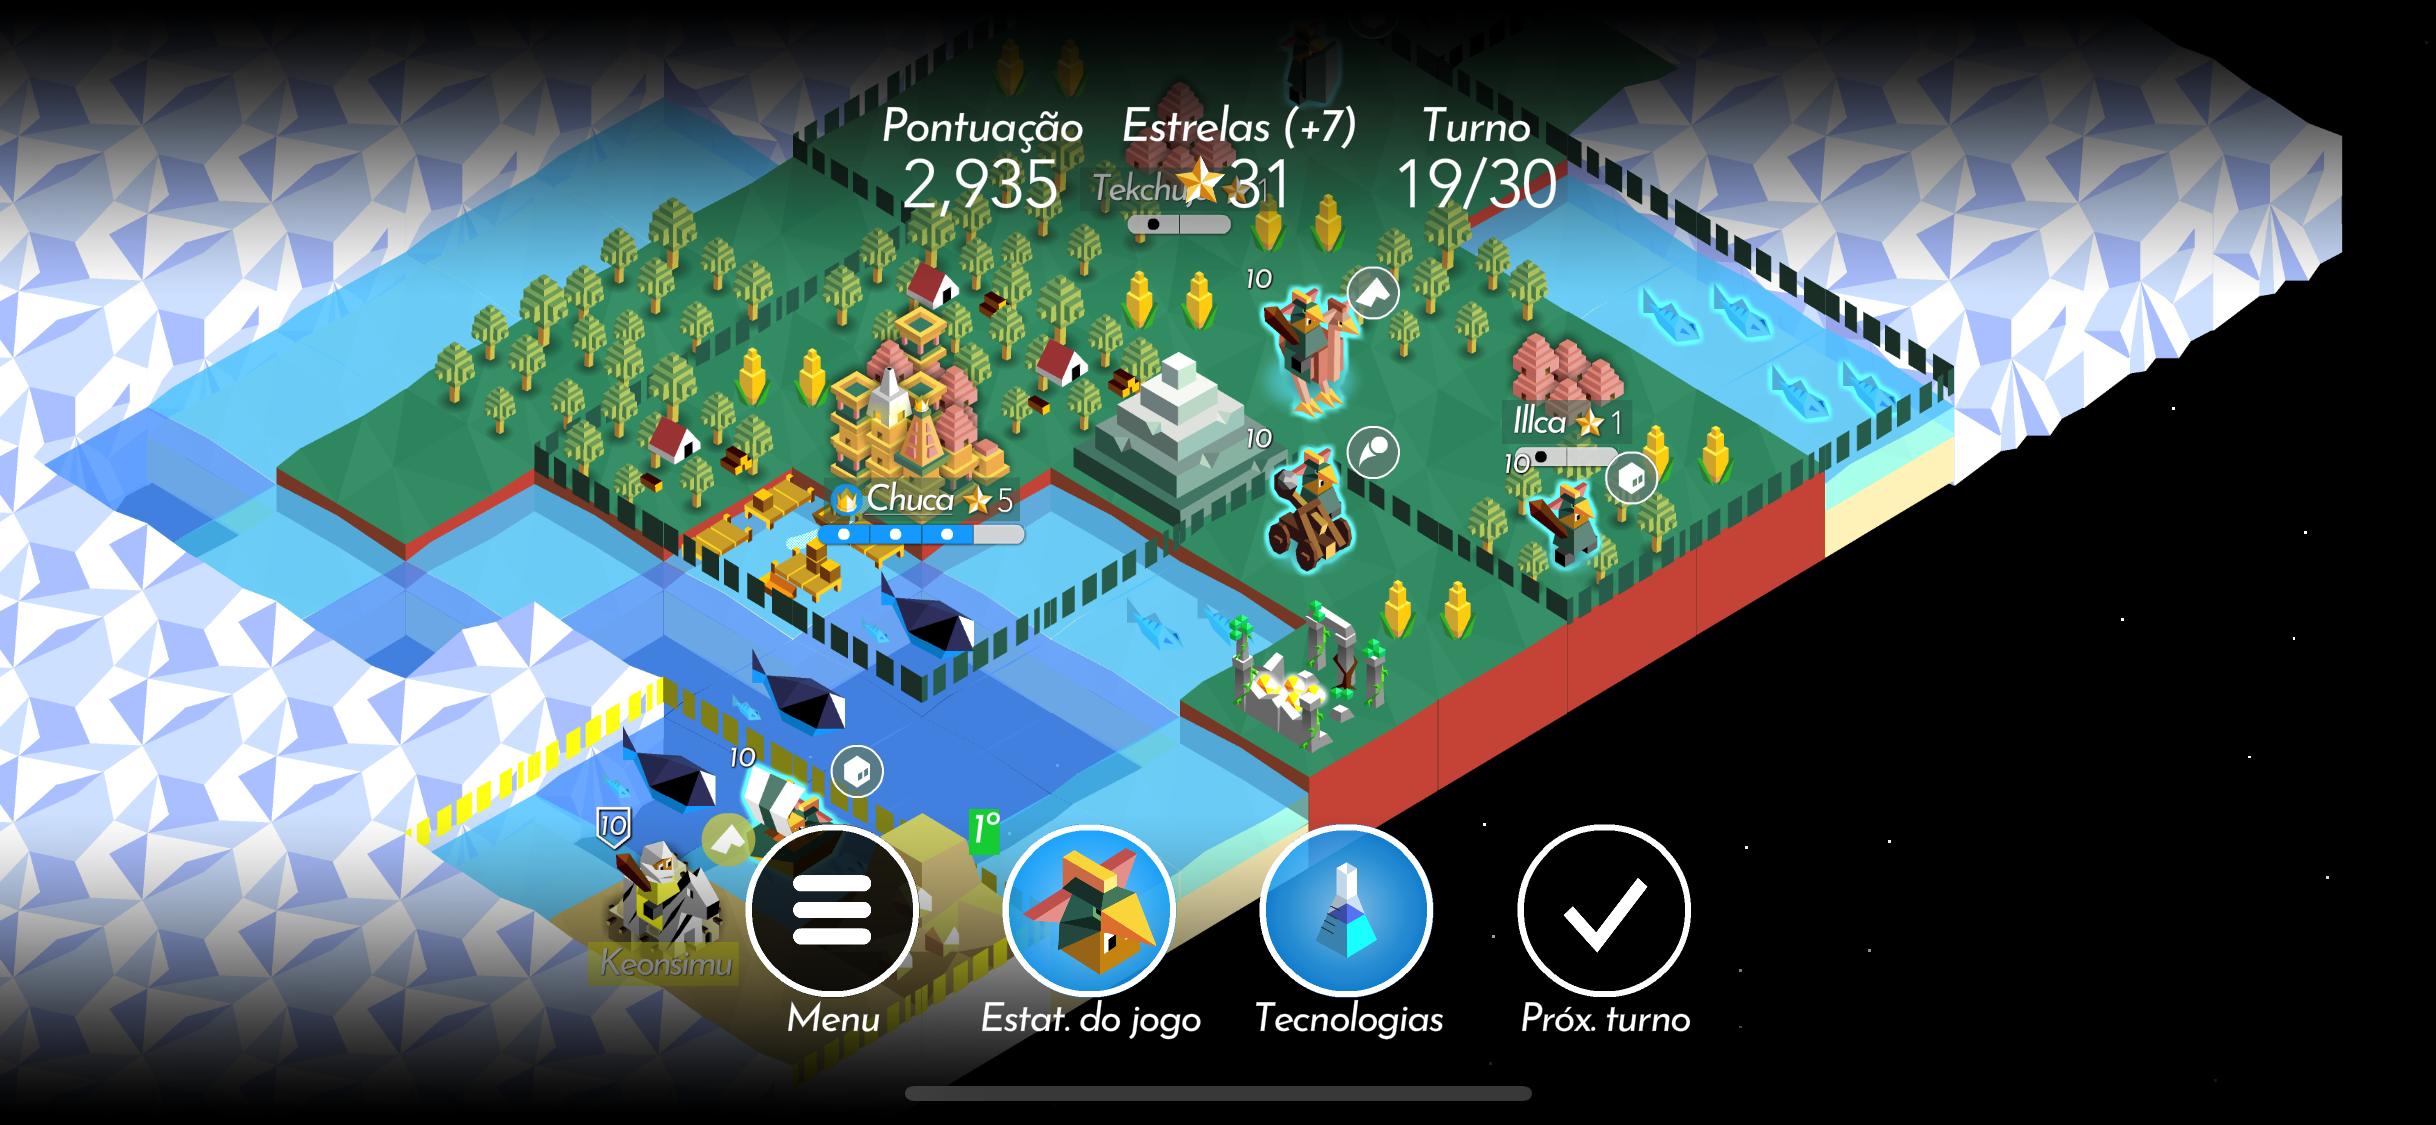 Premiado Jogo De Estrategia The Battle Of Polytopia Chega Ao Brasil Jogos De Estrategia Jogos Mundo Dos Games